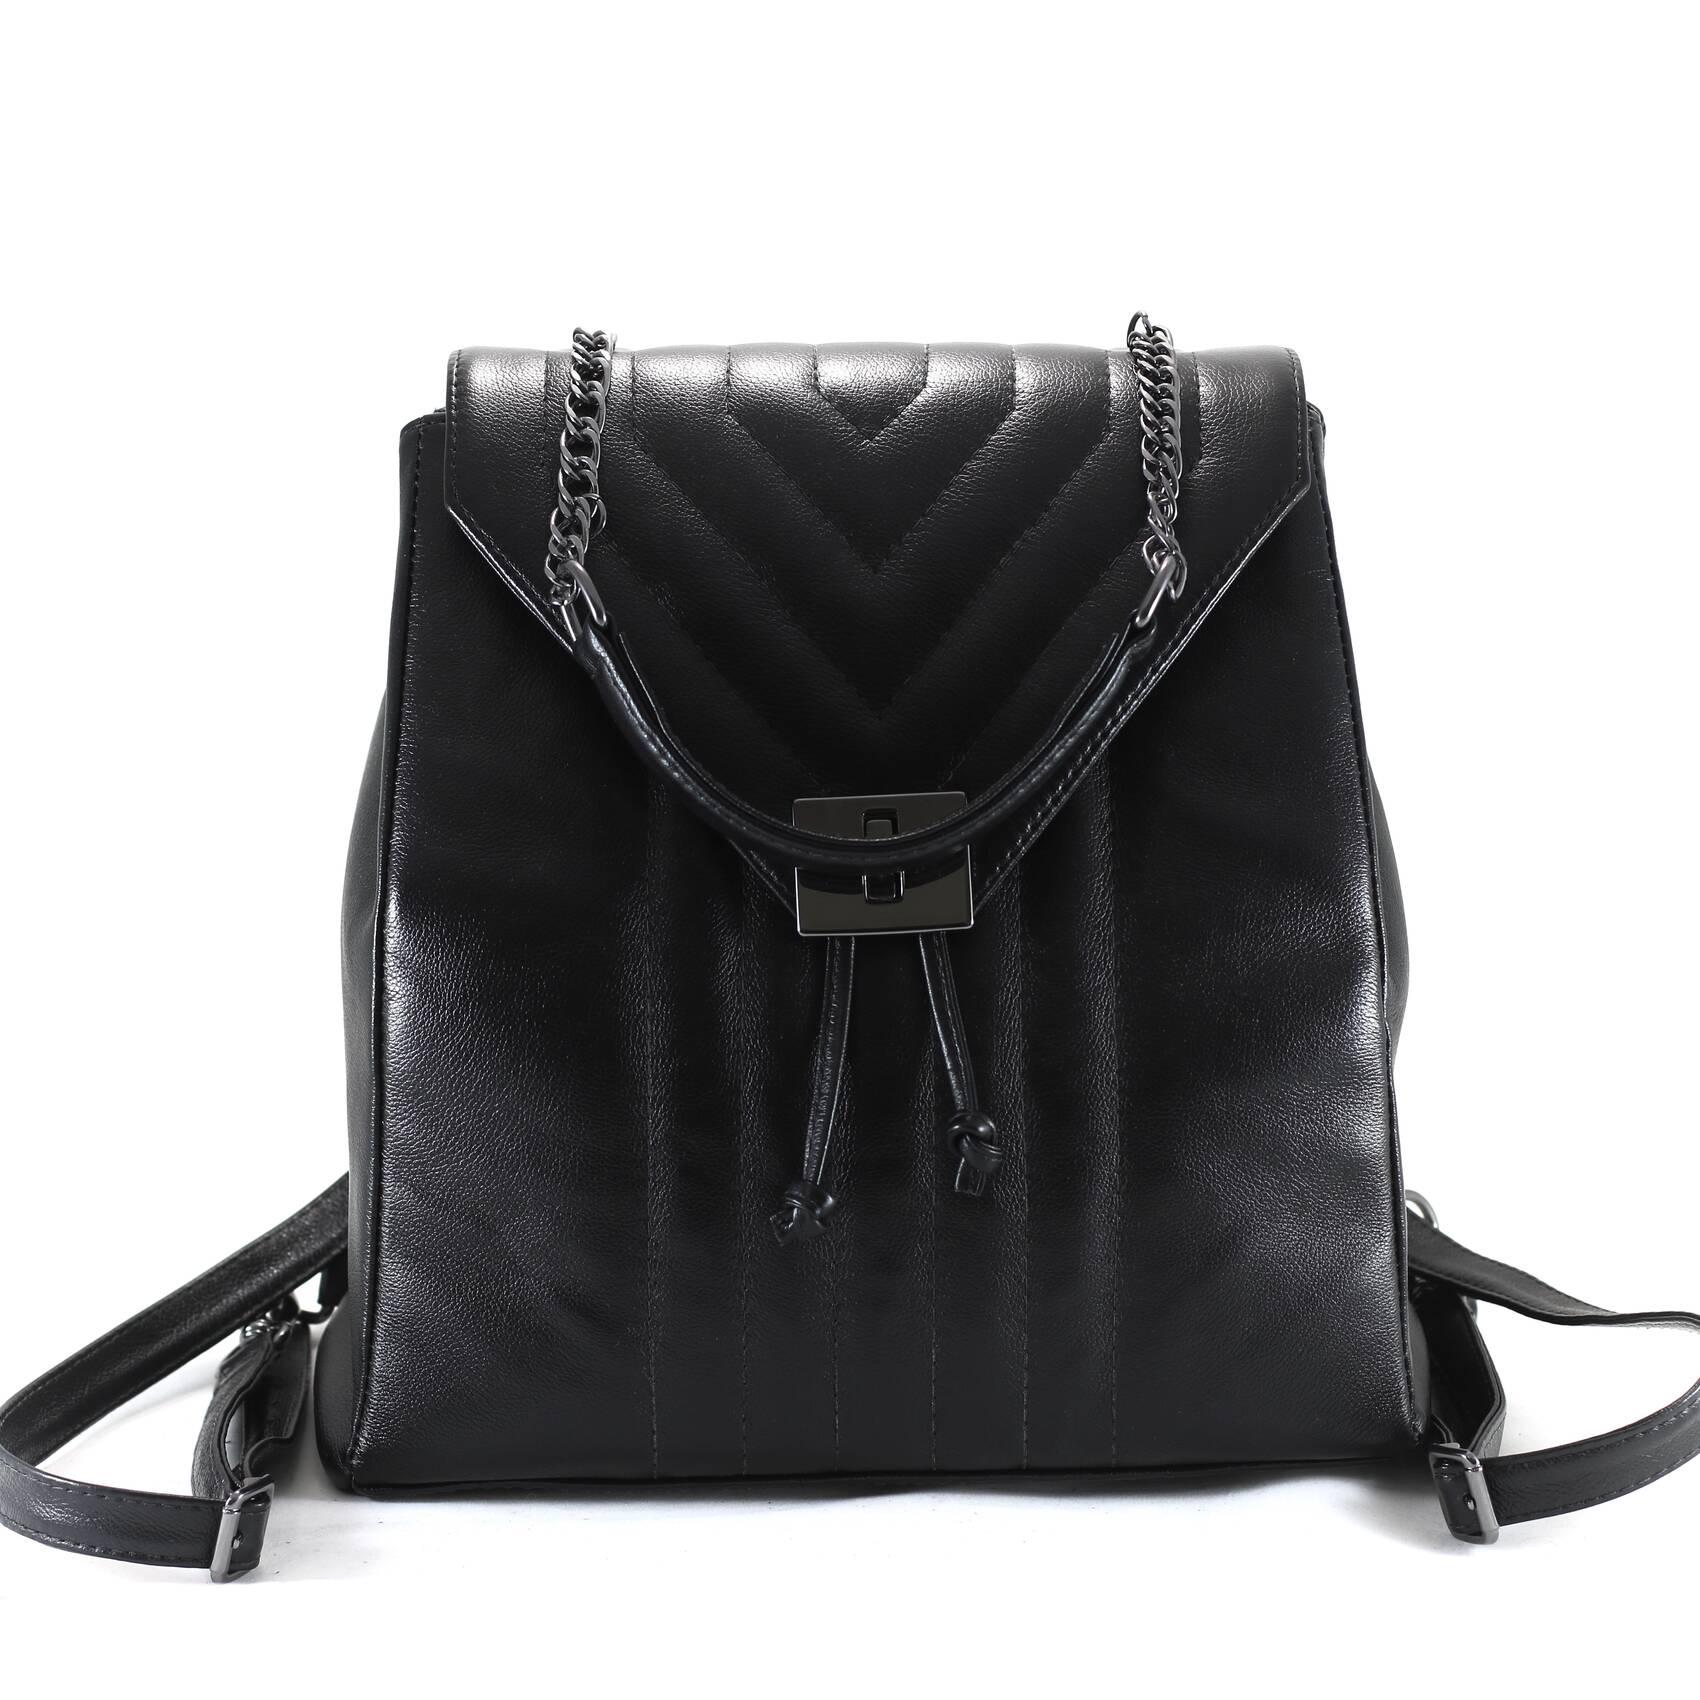 MOCHILA ROMA Bolsa mochila em couro legítimo preta